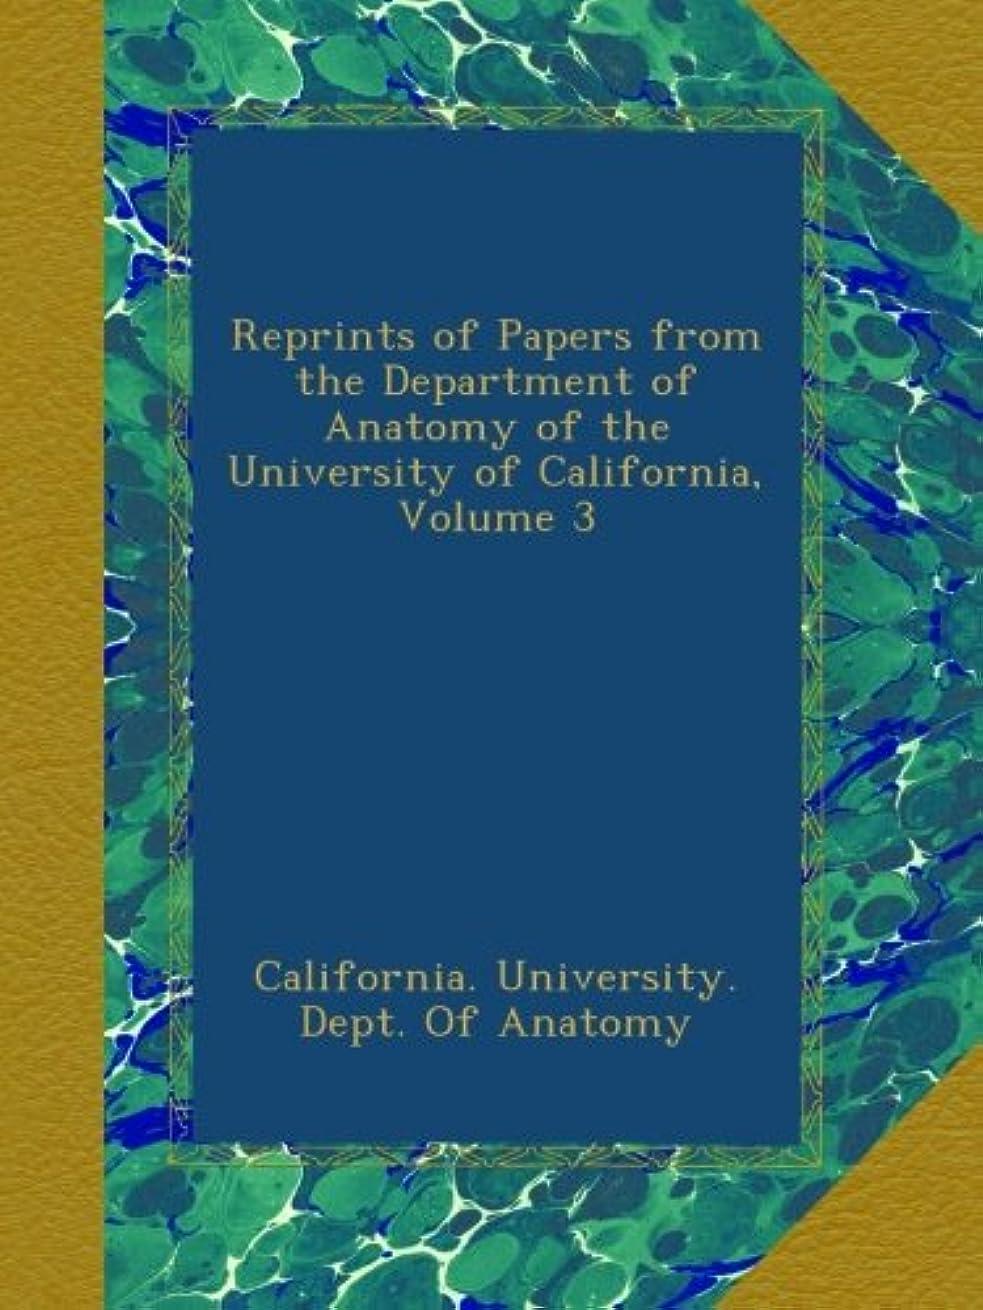 欲求不満義務づけるメドレーReprints of Papers from the Department of Anatomy of the University of California, Volume 3